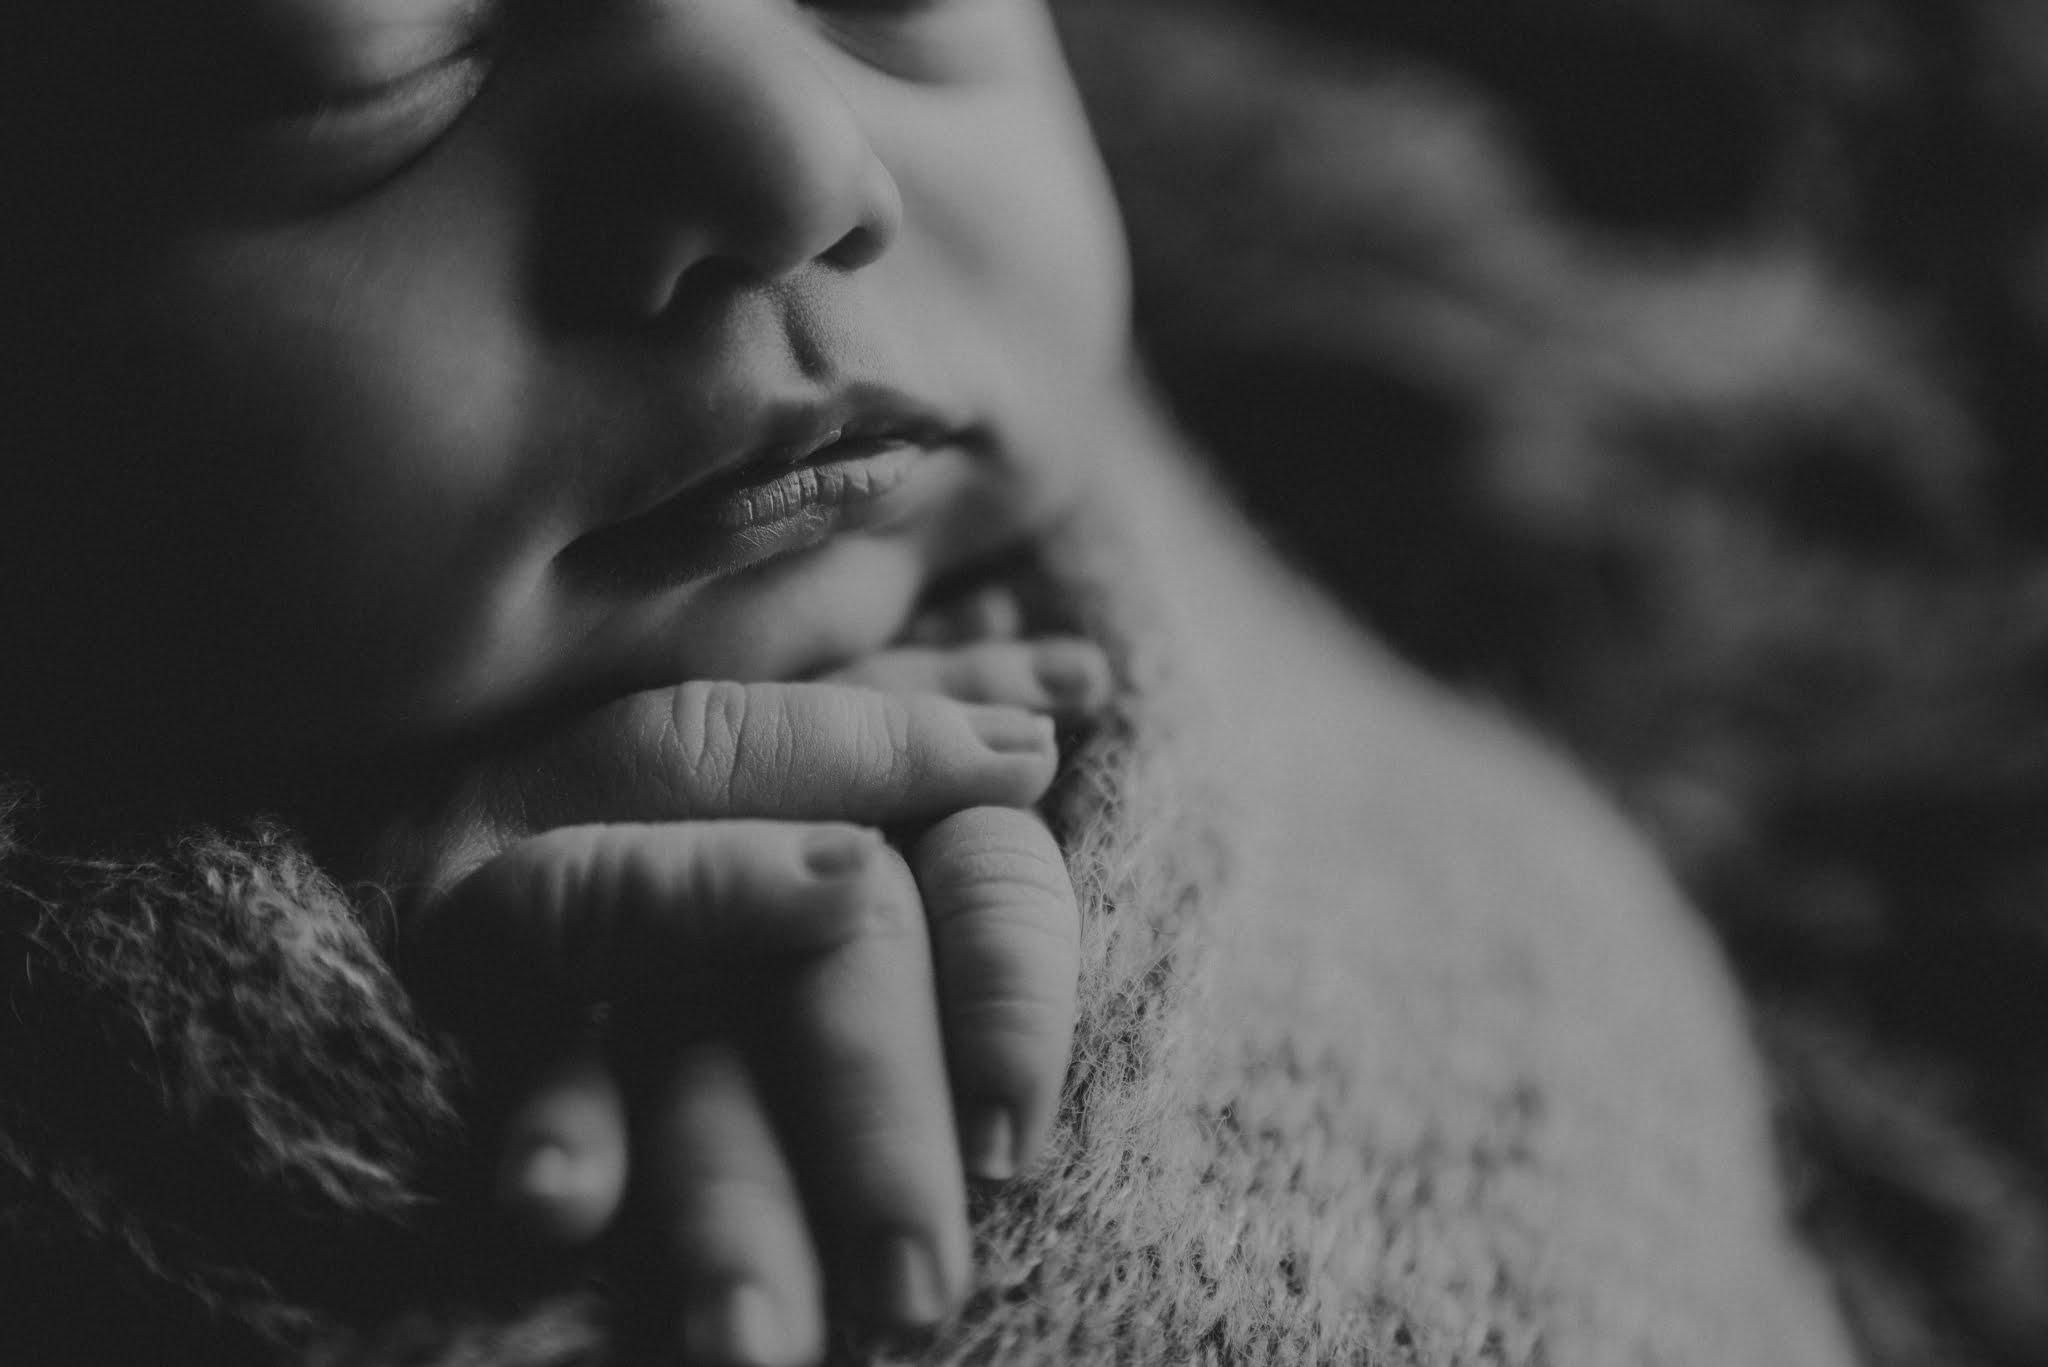 Nyföddfotografering - Louie 5